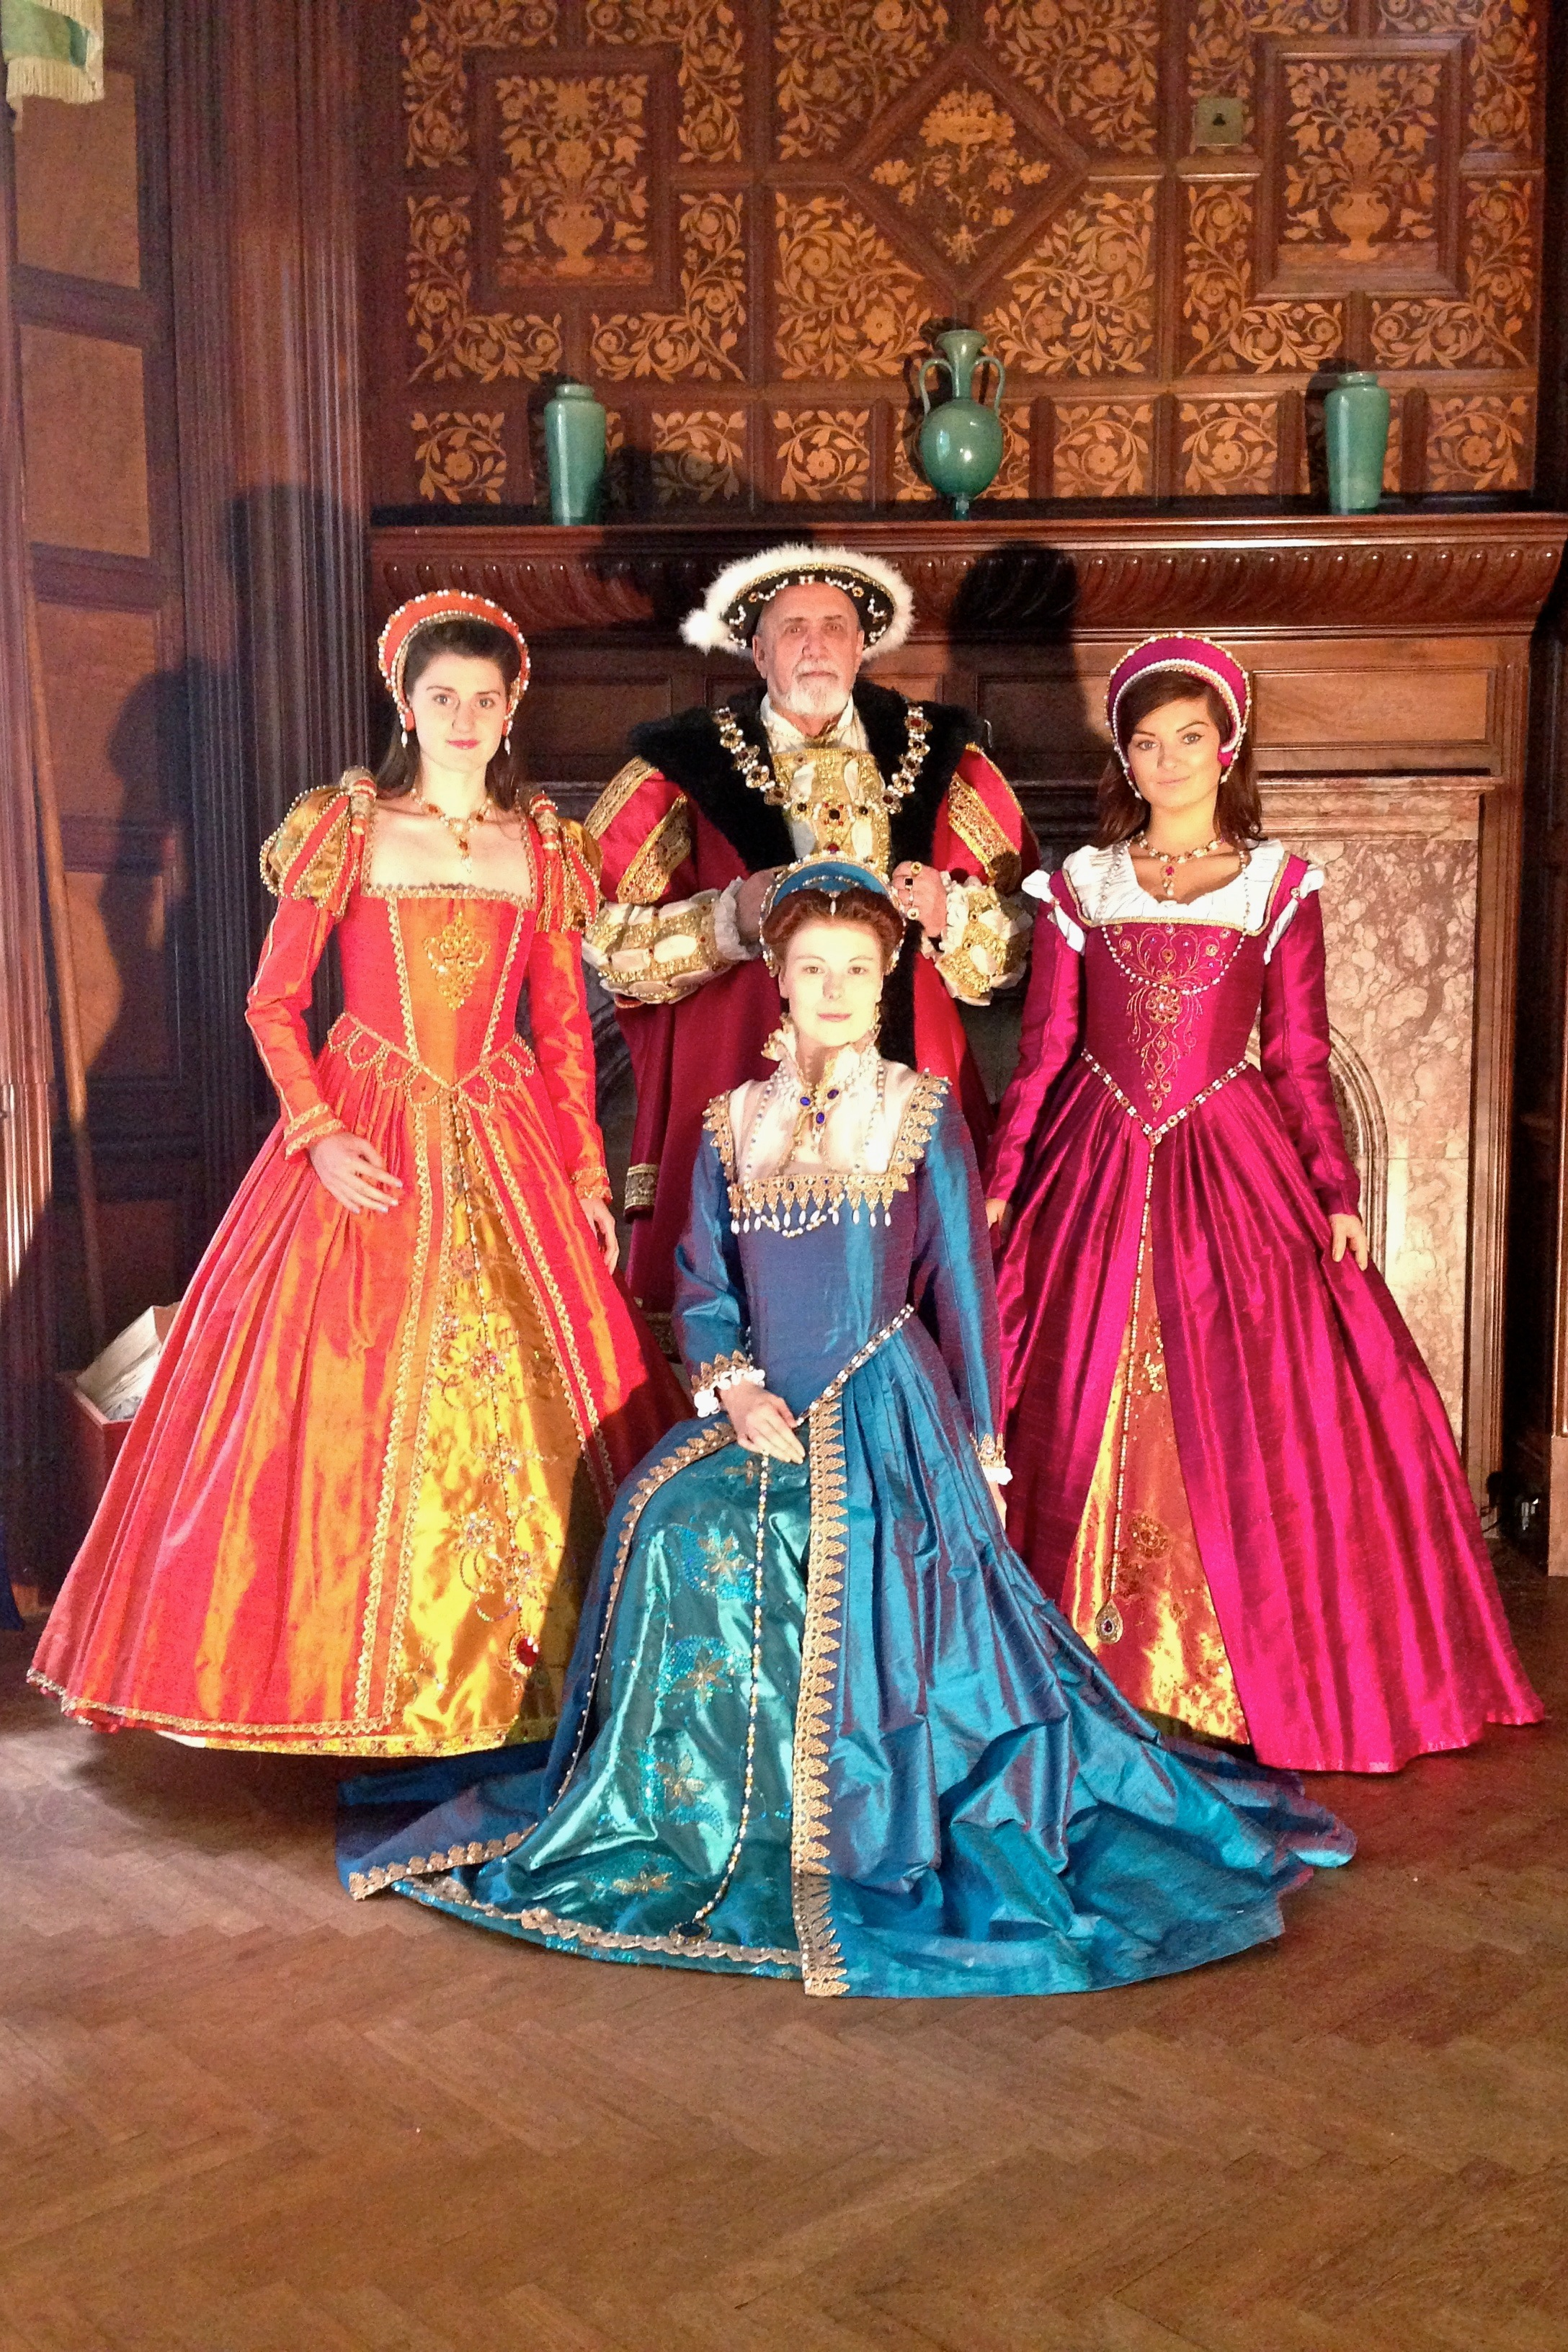 Magnificent Muncaster Julia Renaissance Costumes